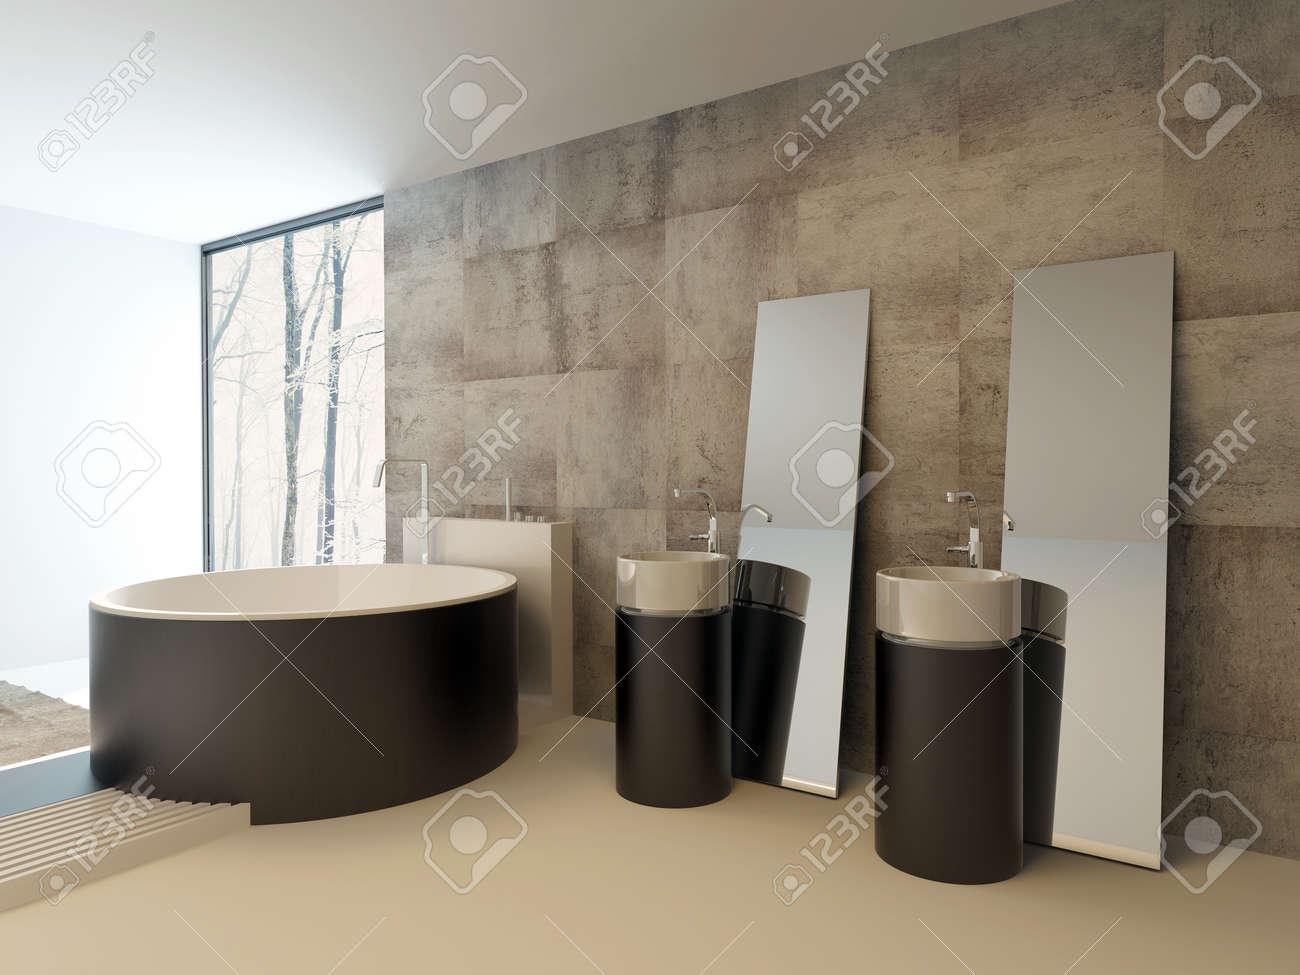 Gehobenen Modernen Badezimmer Interieur In Braun Und Beige Mit ... | {Moderne badezimmer braun 67}